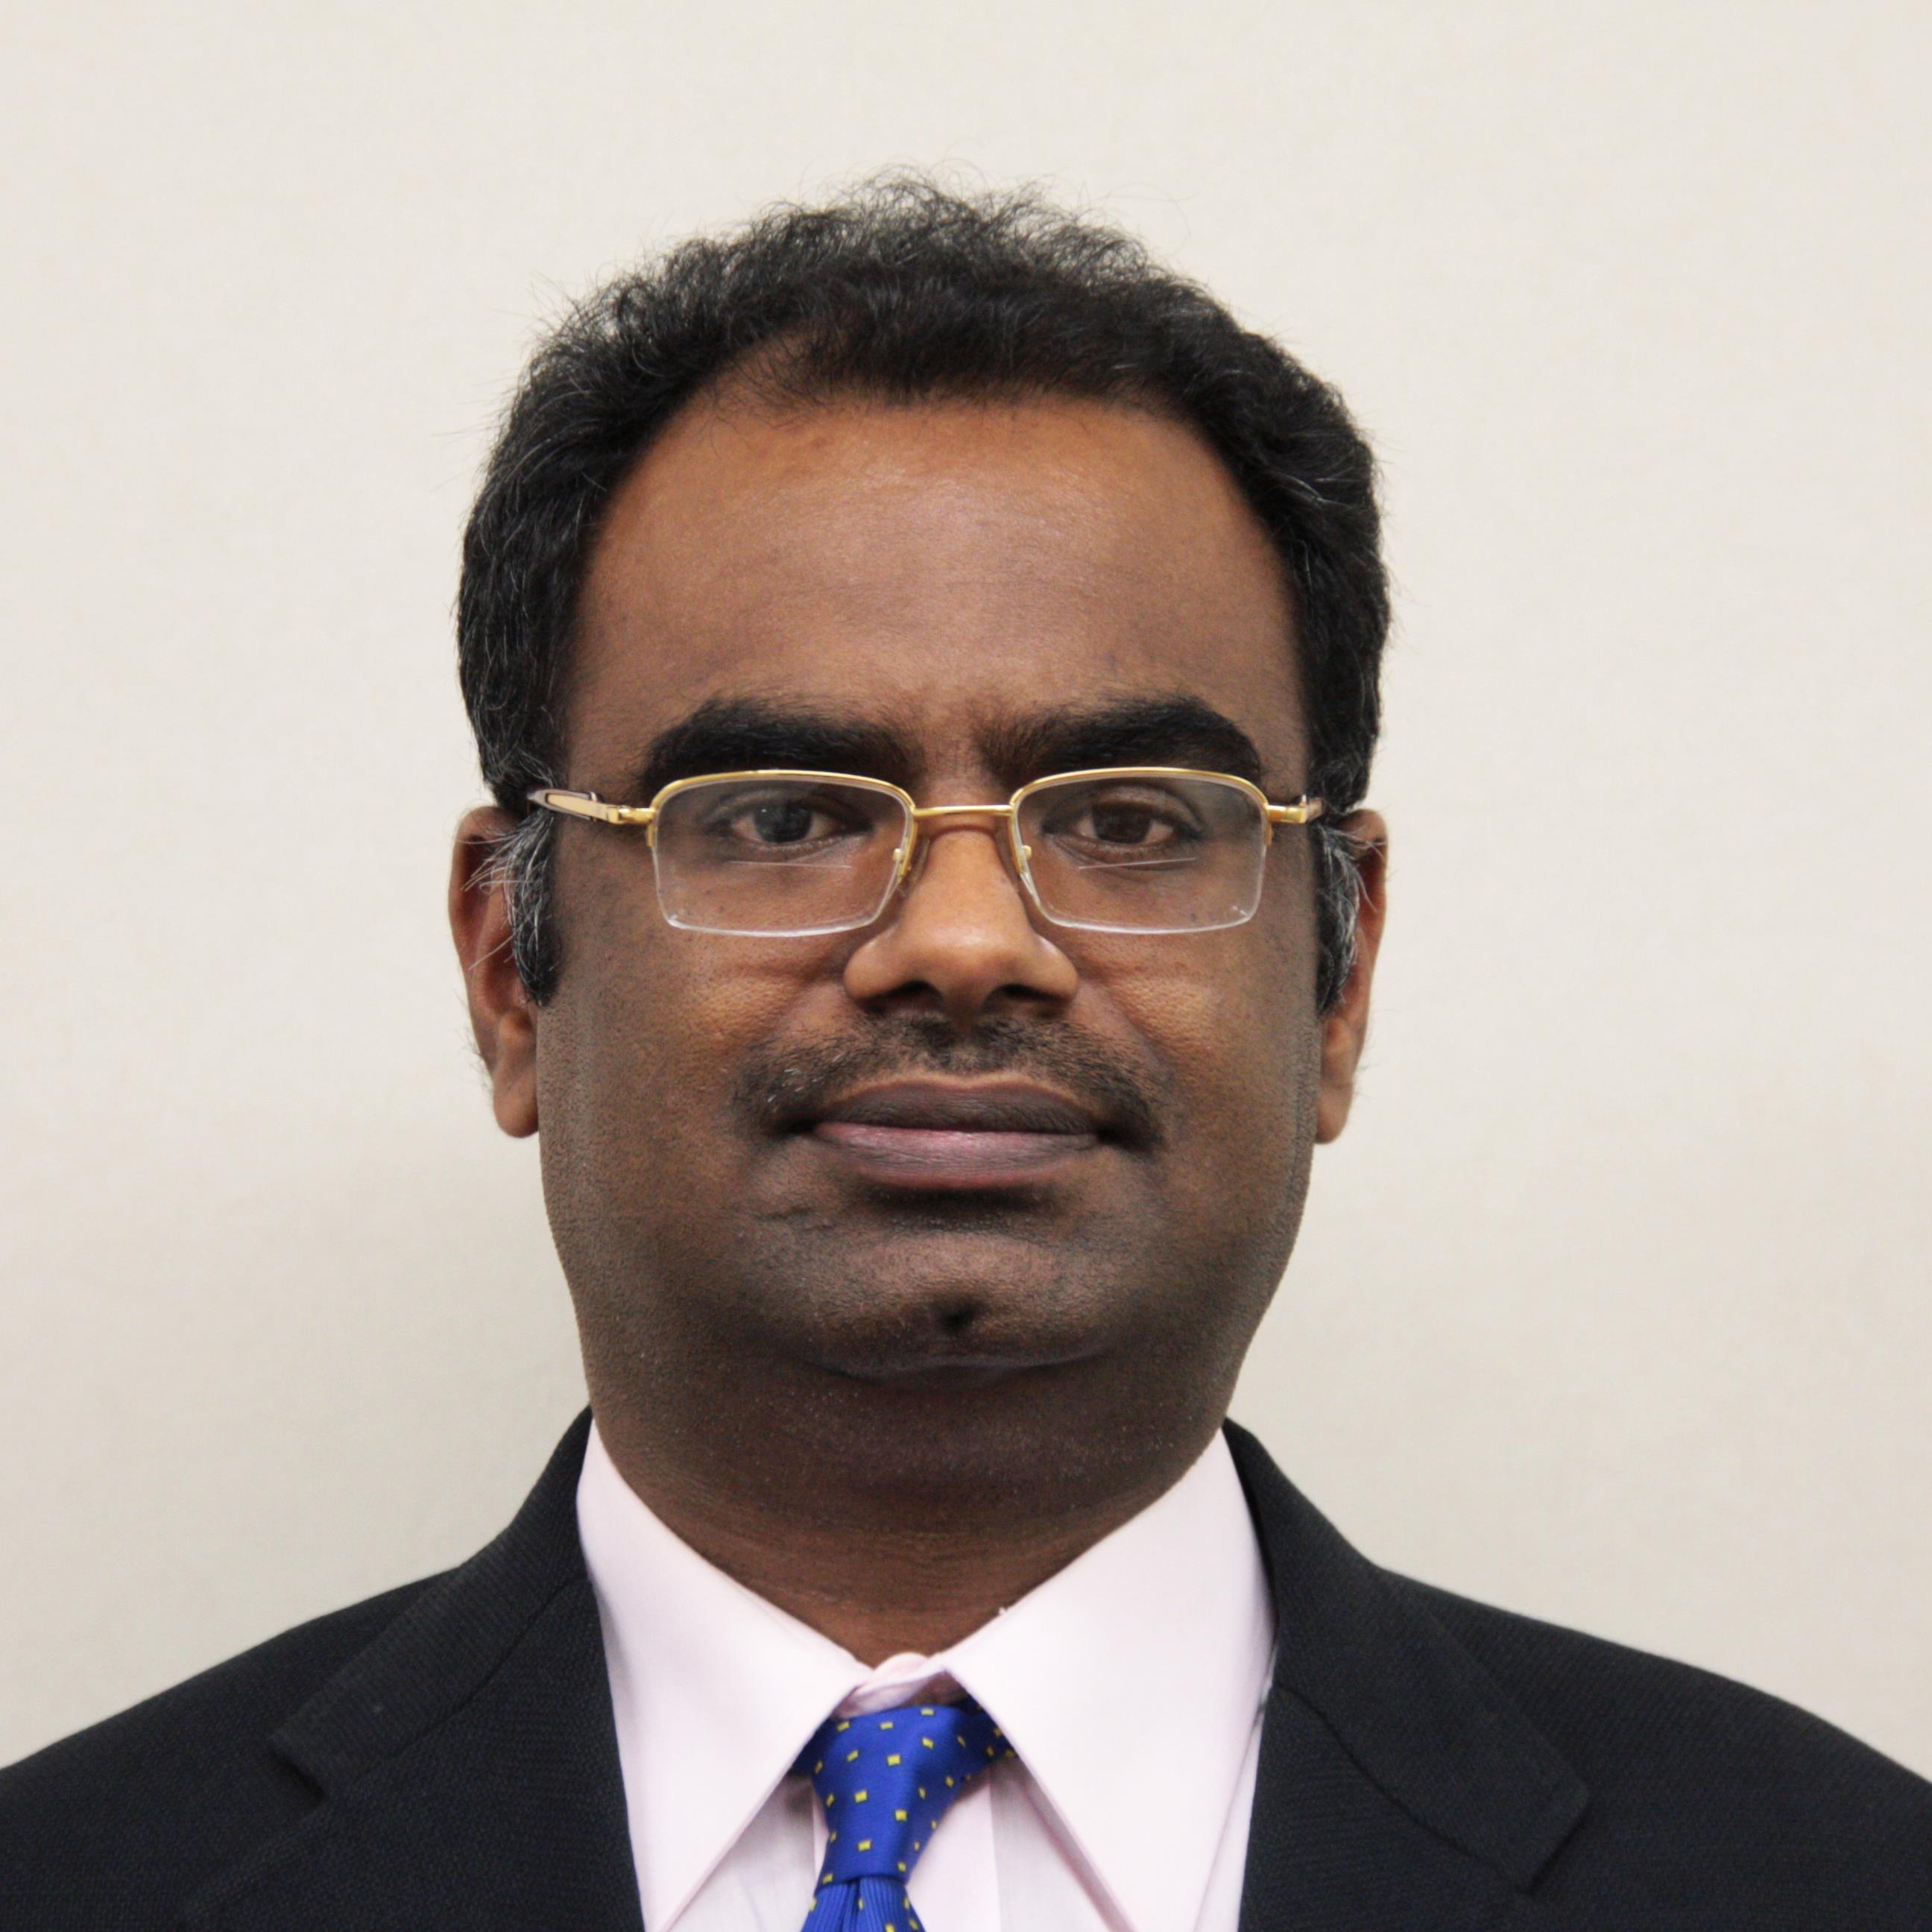 GSS20_Anbumozhi_Venkatachalam_Profilbild.jpg